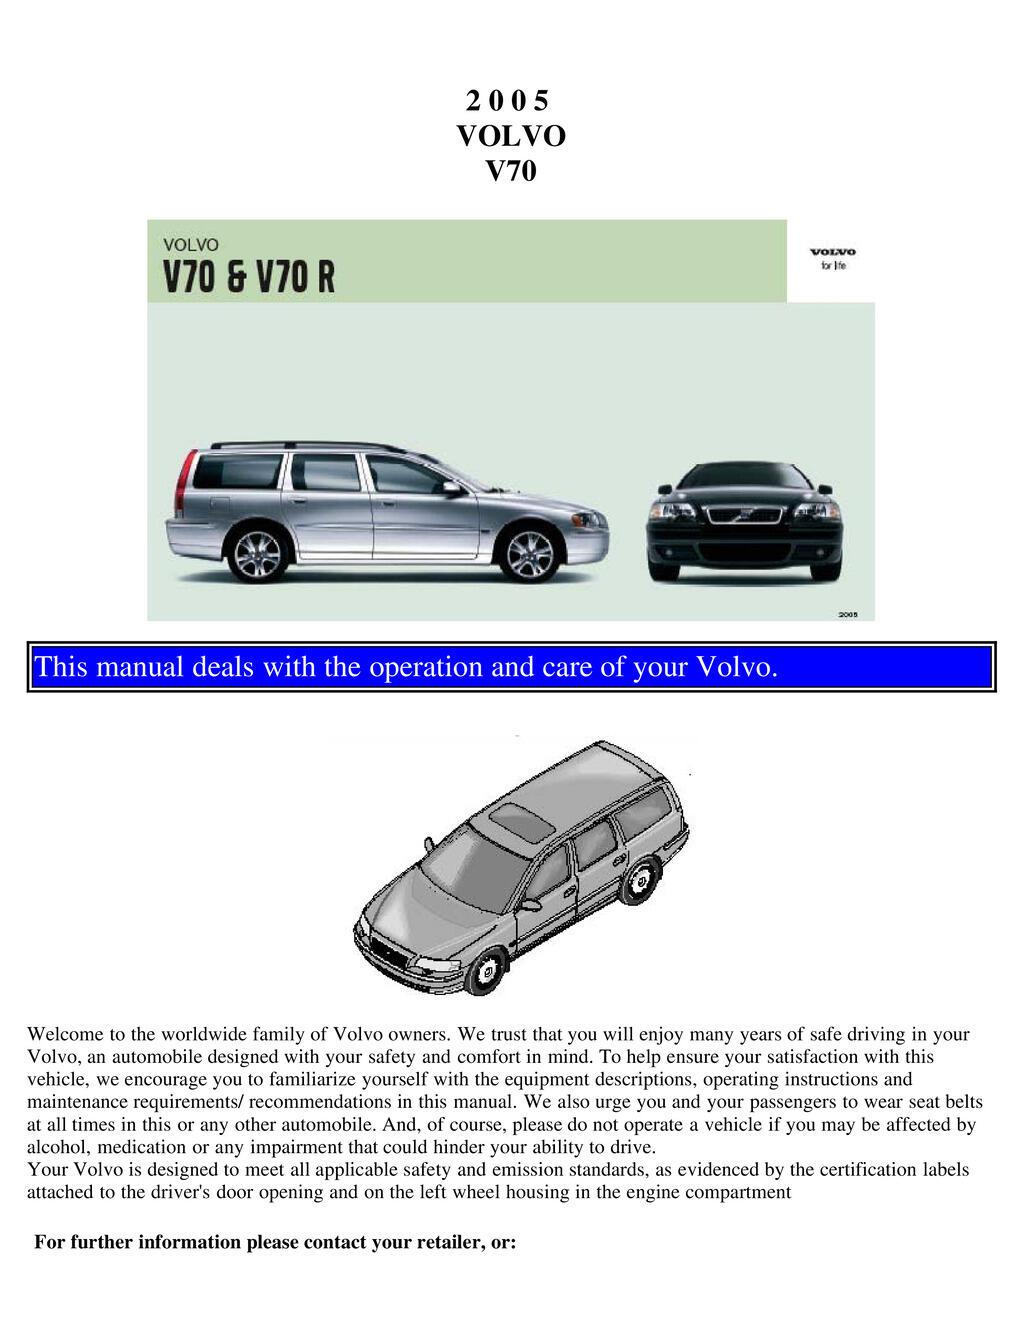 2005 Volvo V70 V70r owners manual